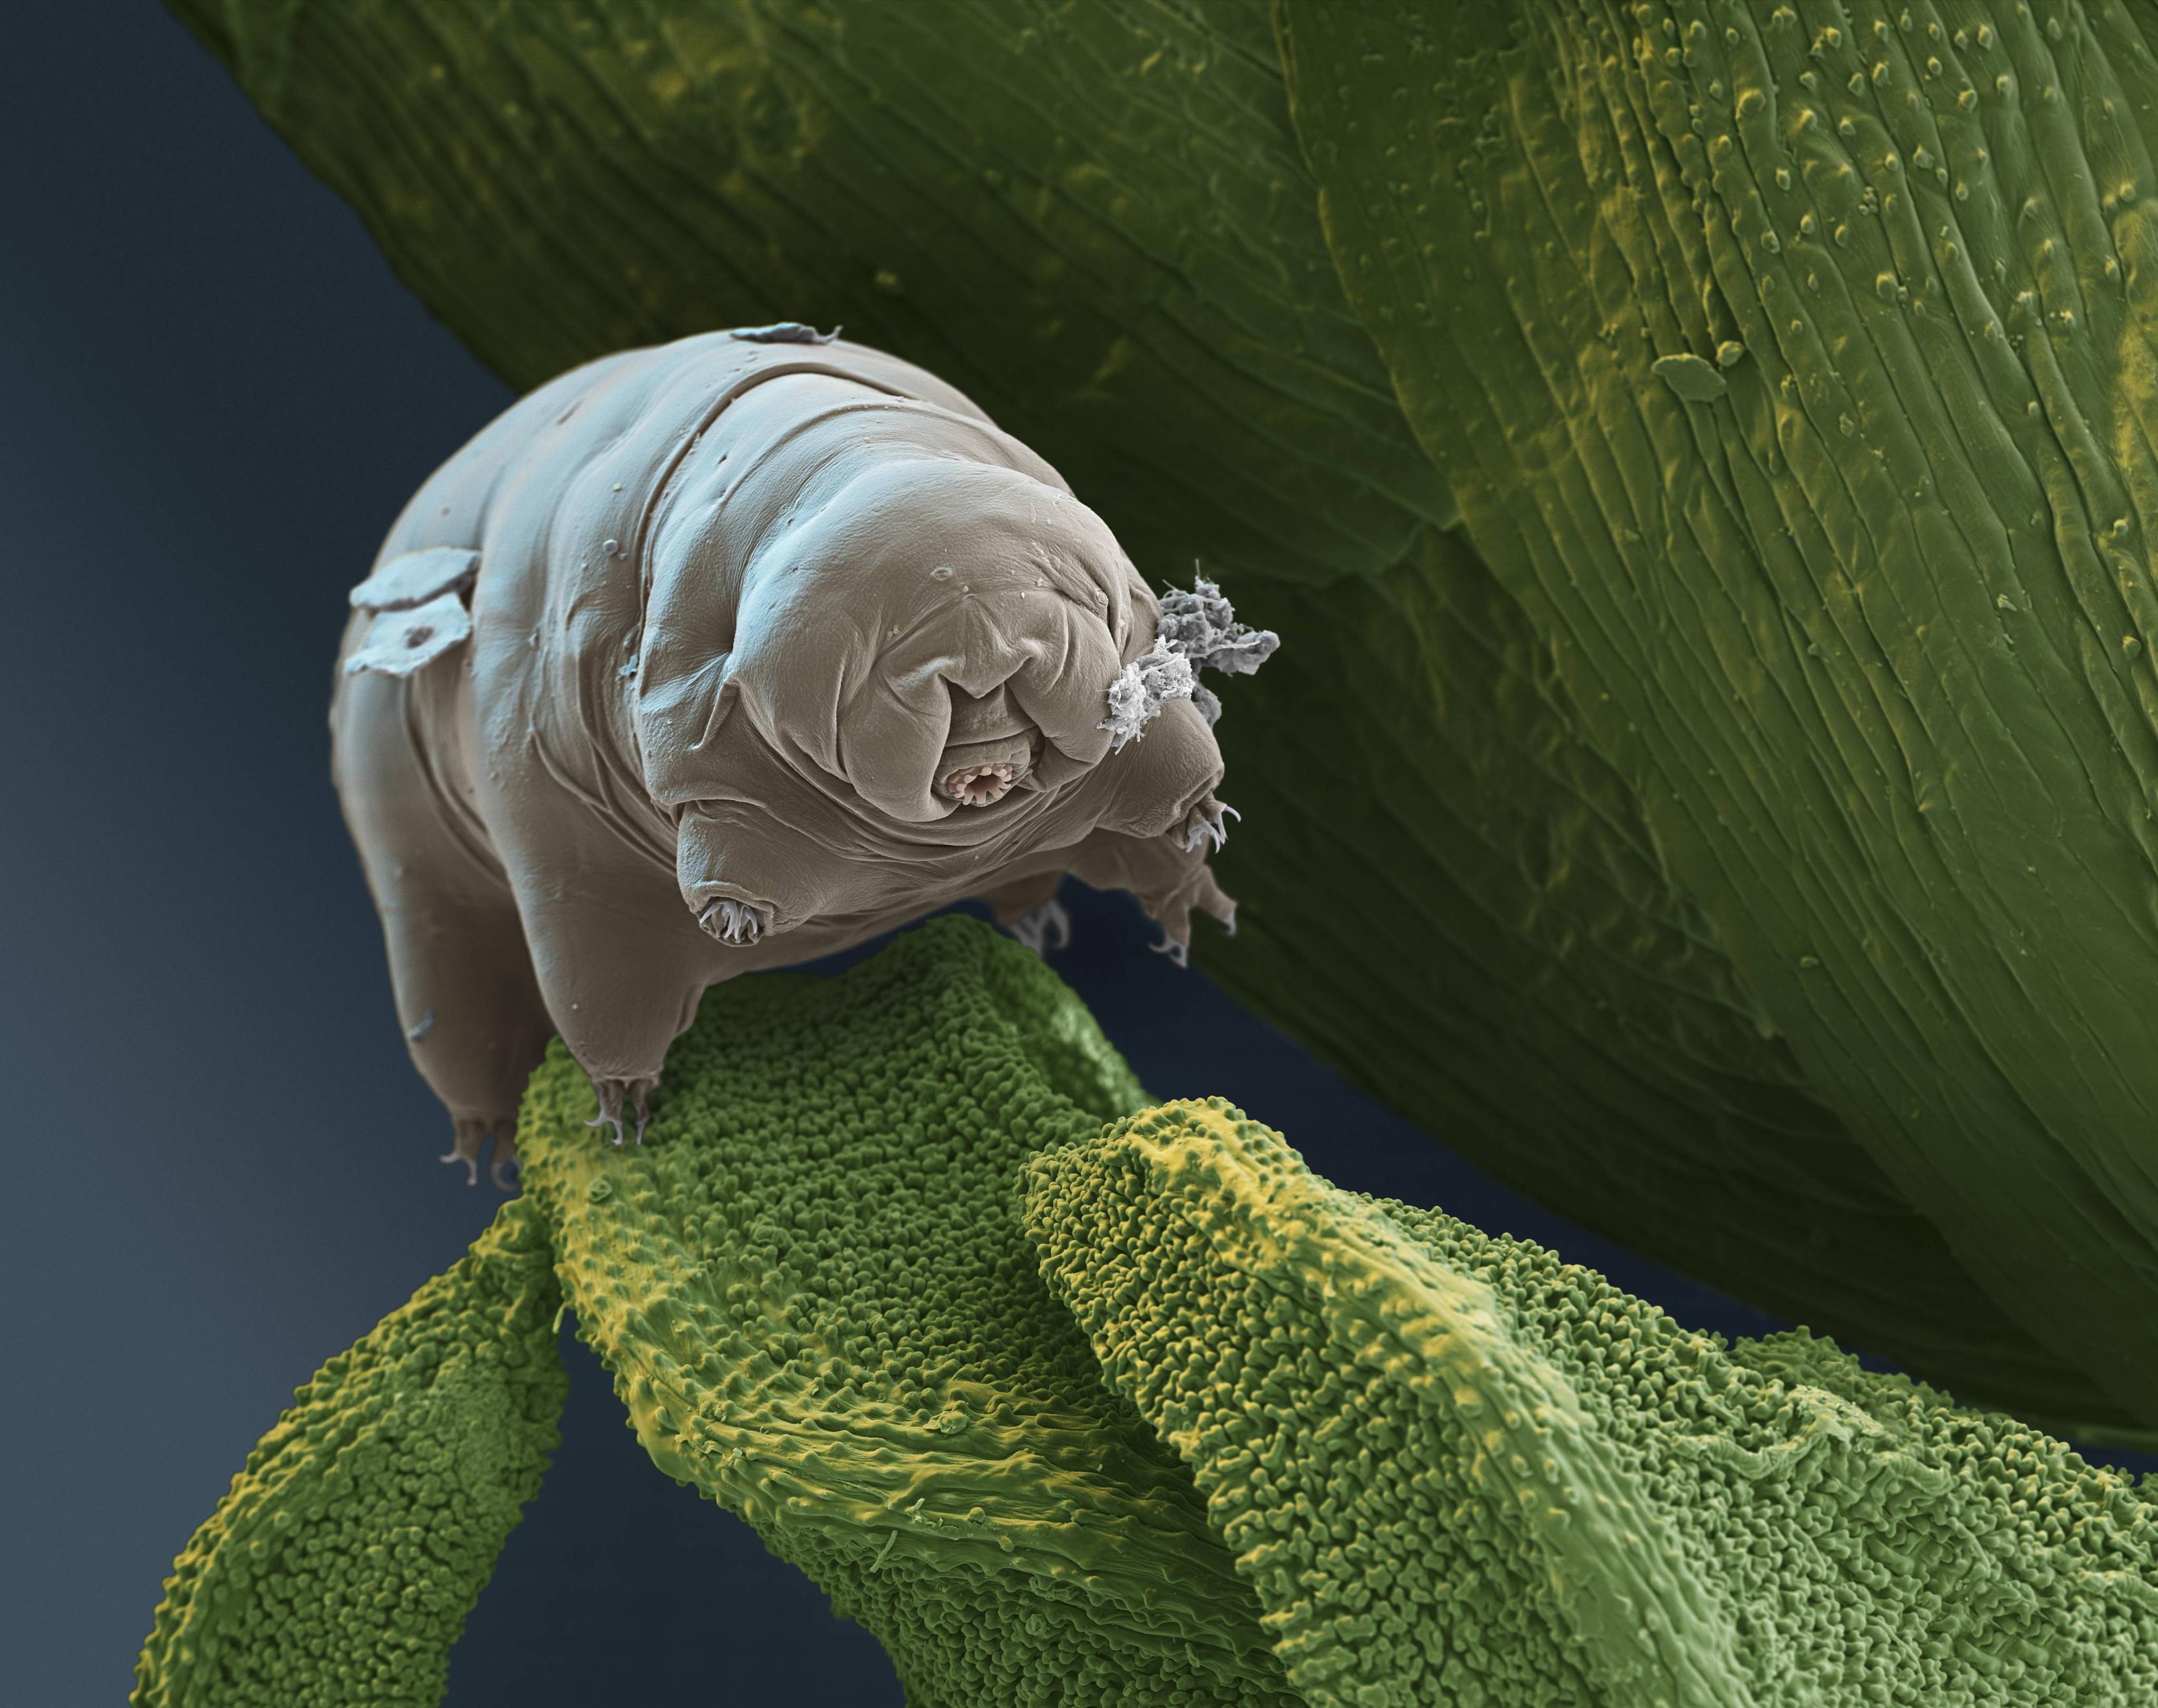 Tardigrade through an electron microscope